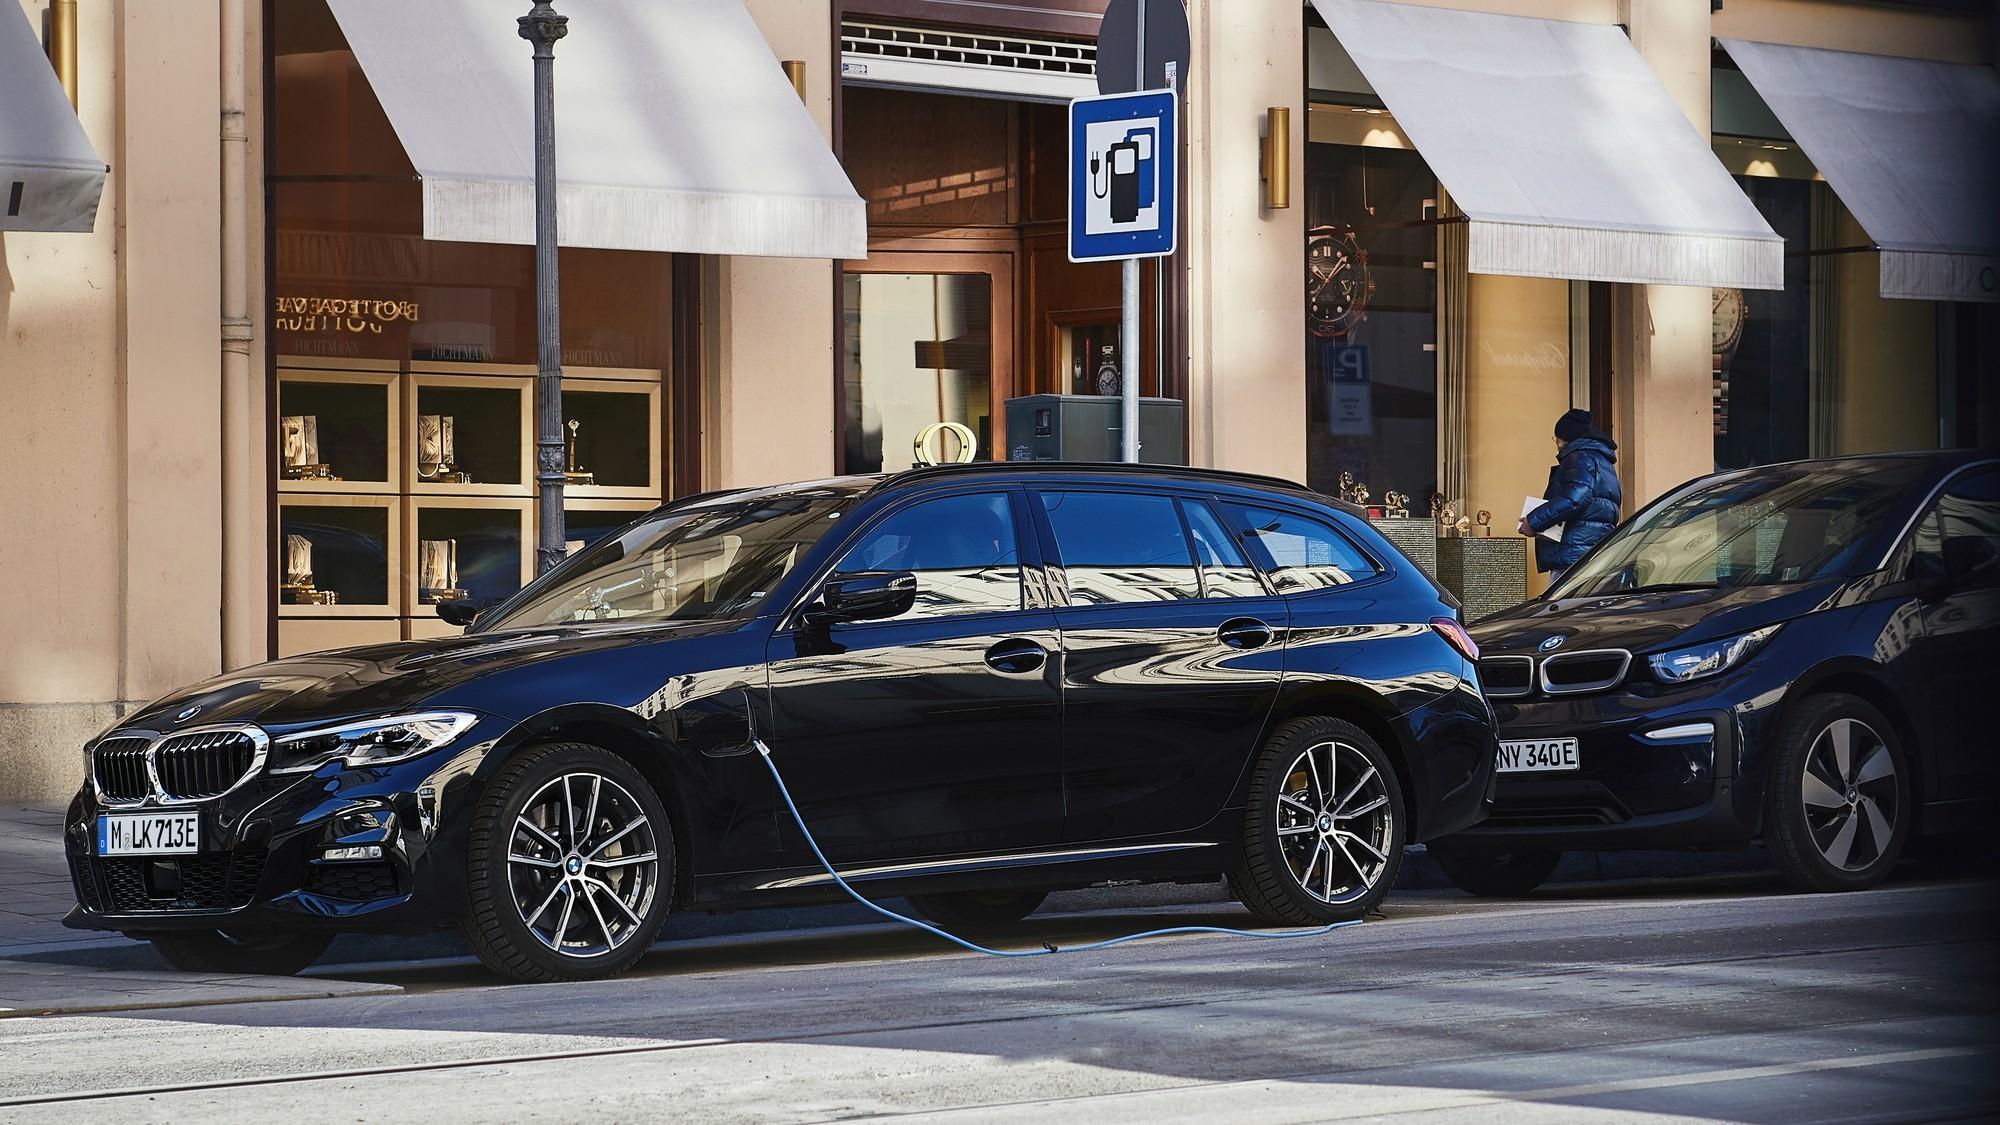 Plug-in гибриды продолжают гореть: на сей раз массовый отзыв моделей BMW